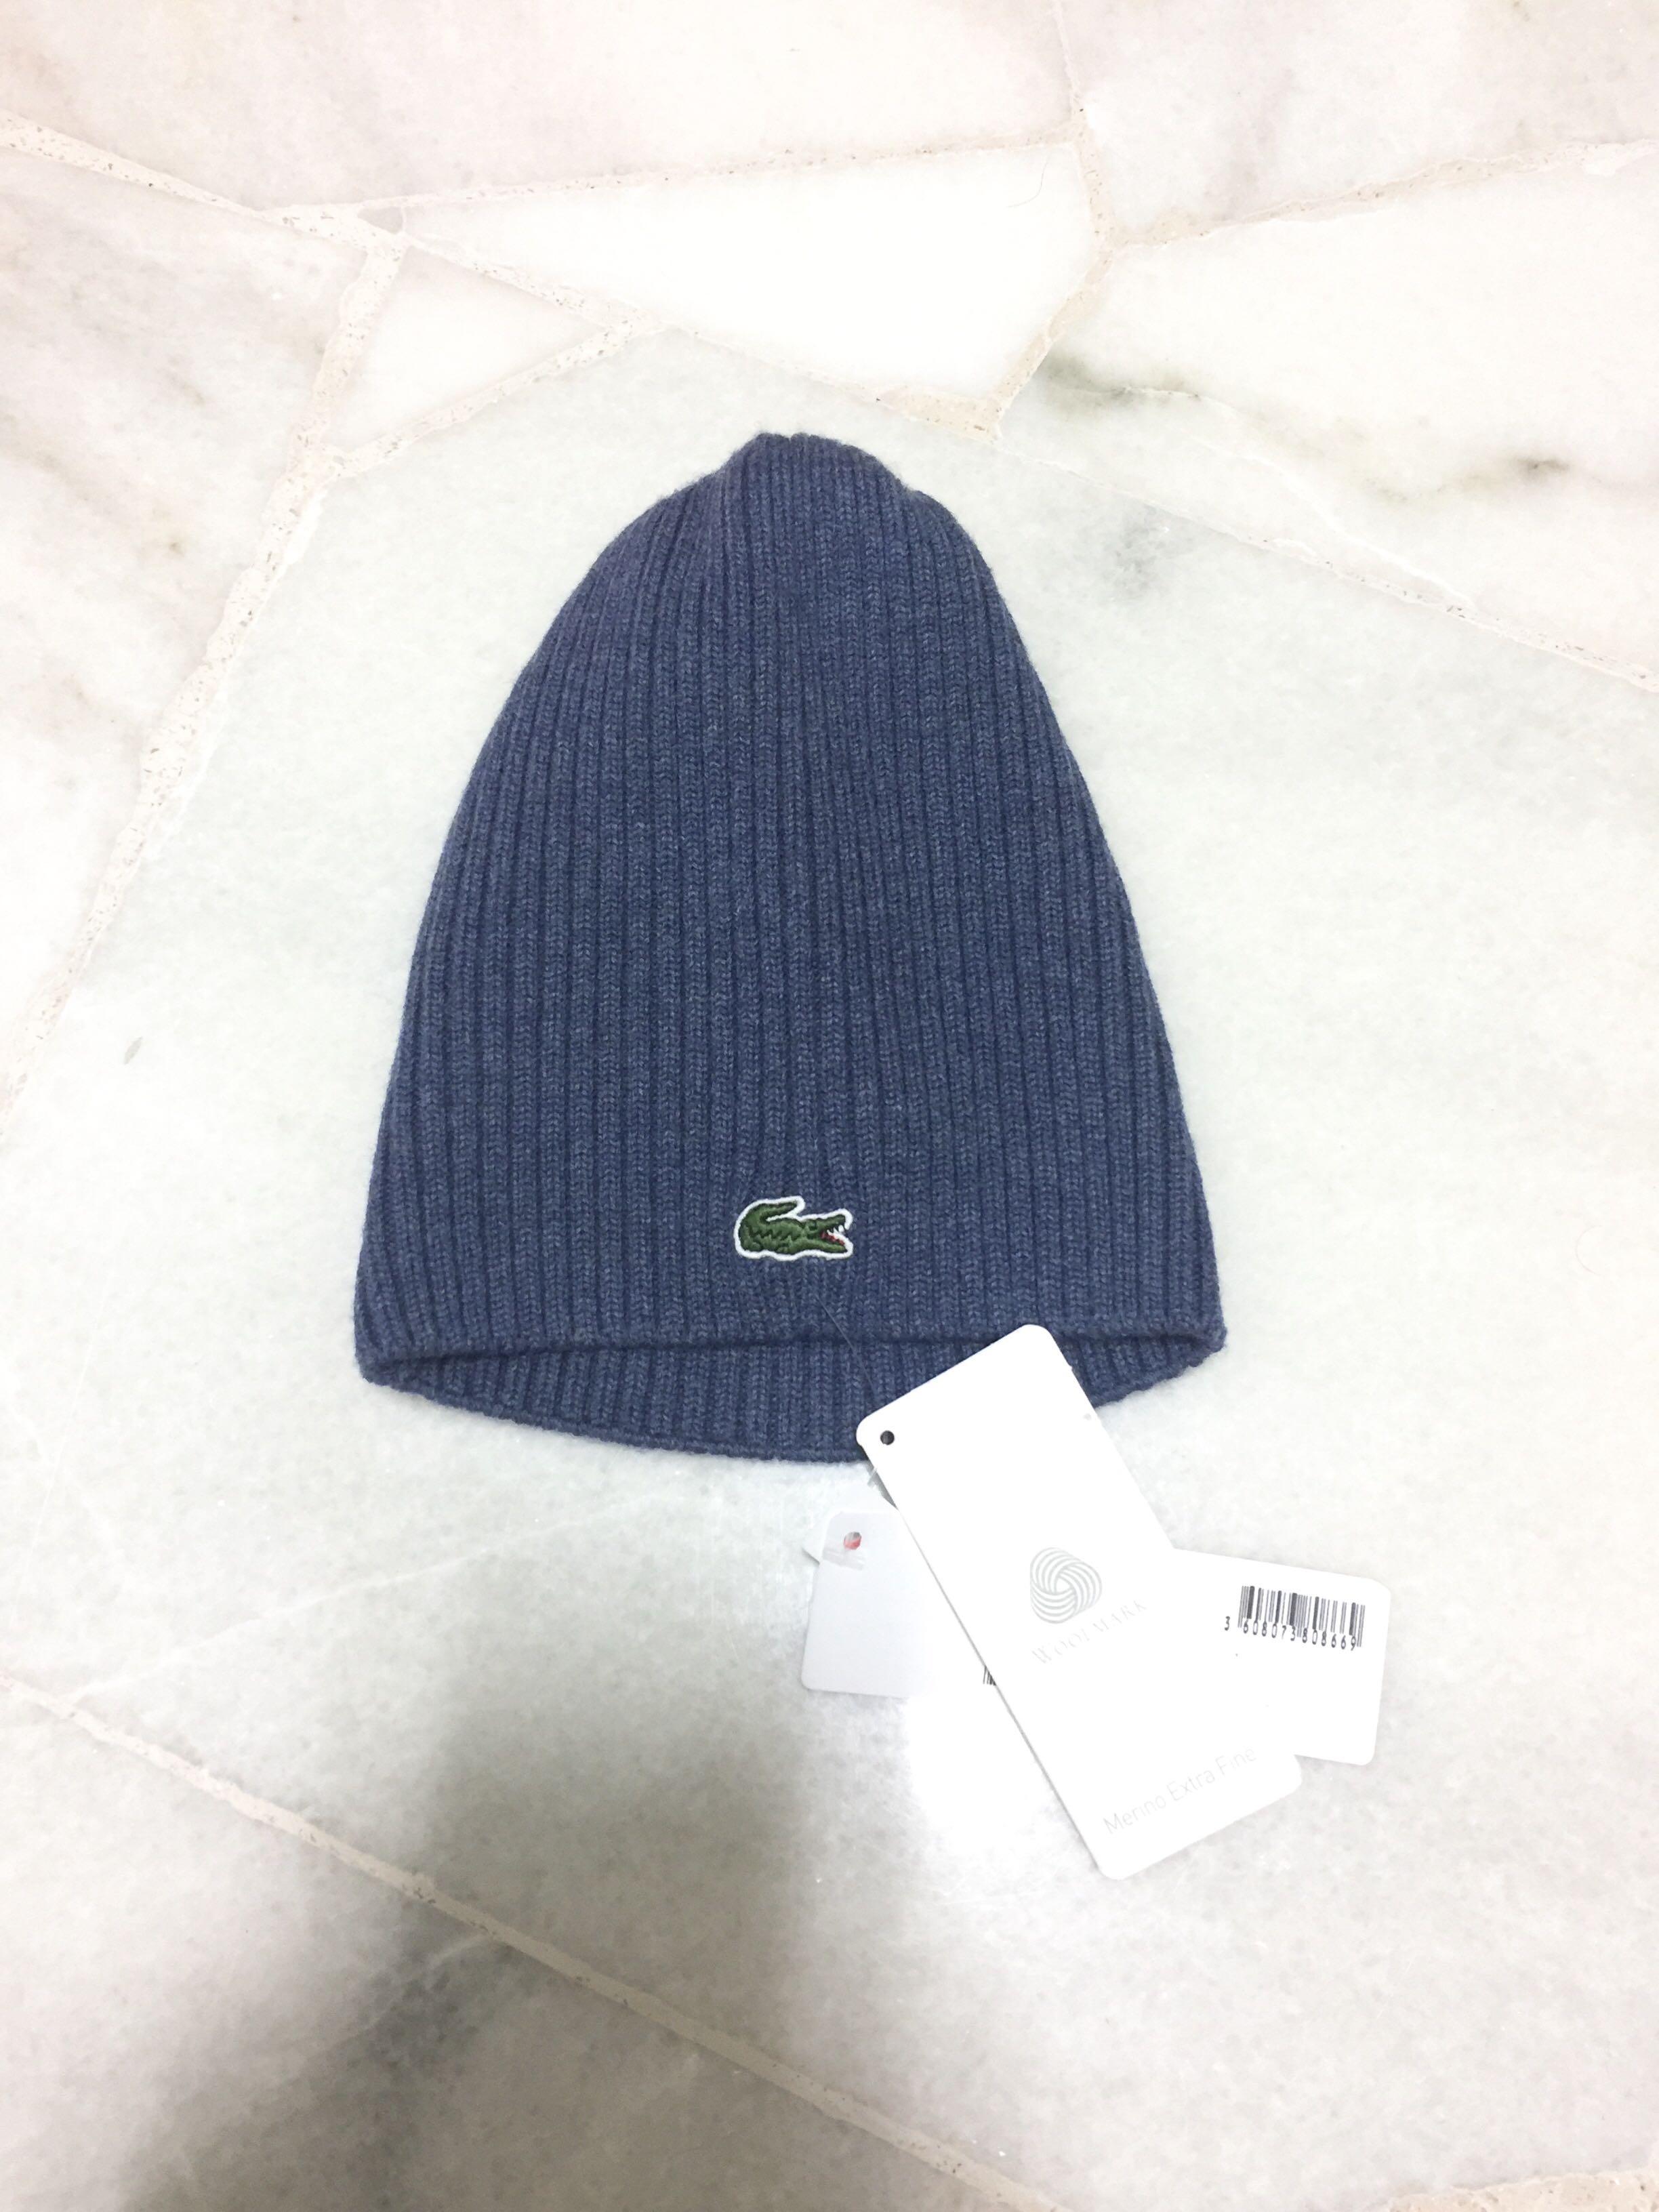 546a8fdde09c9 Home · Men s Fashion · Accessories · Caps   Hats. photo photo photo photo  photo